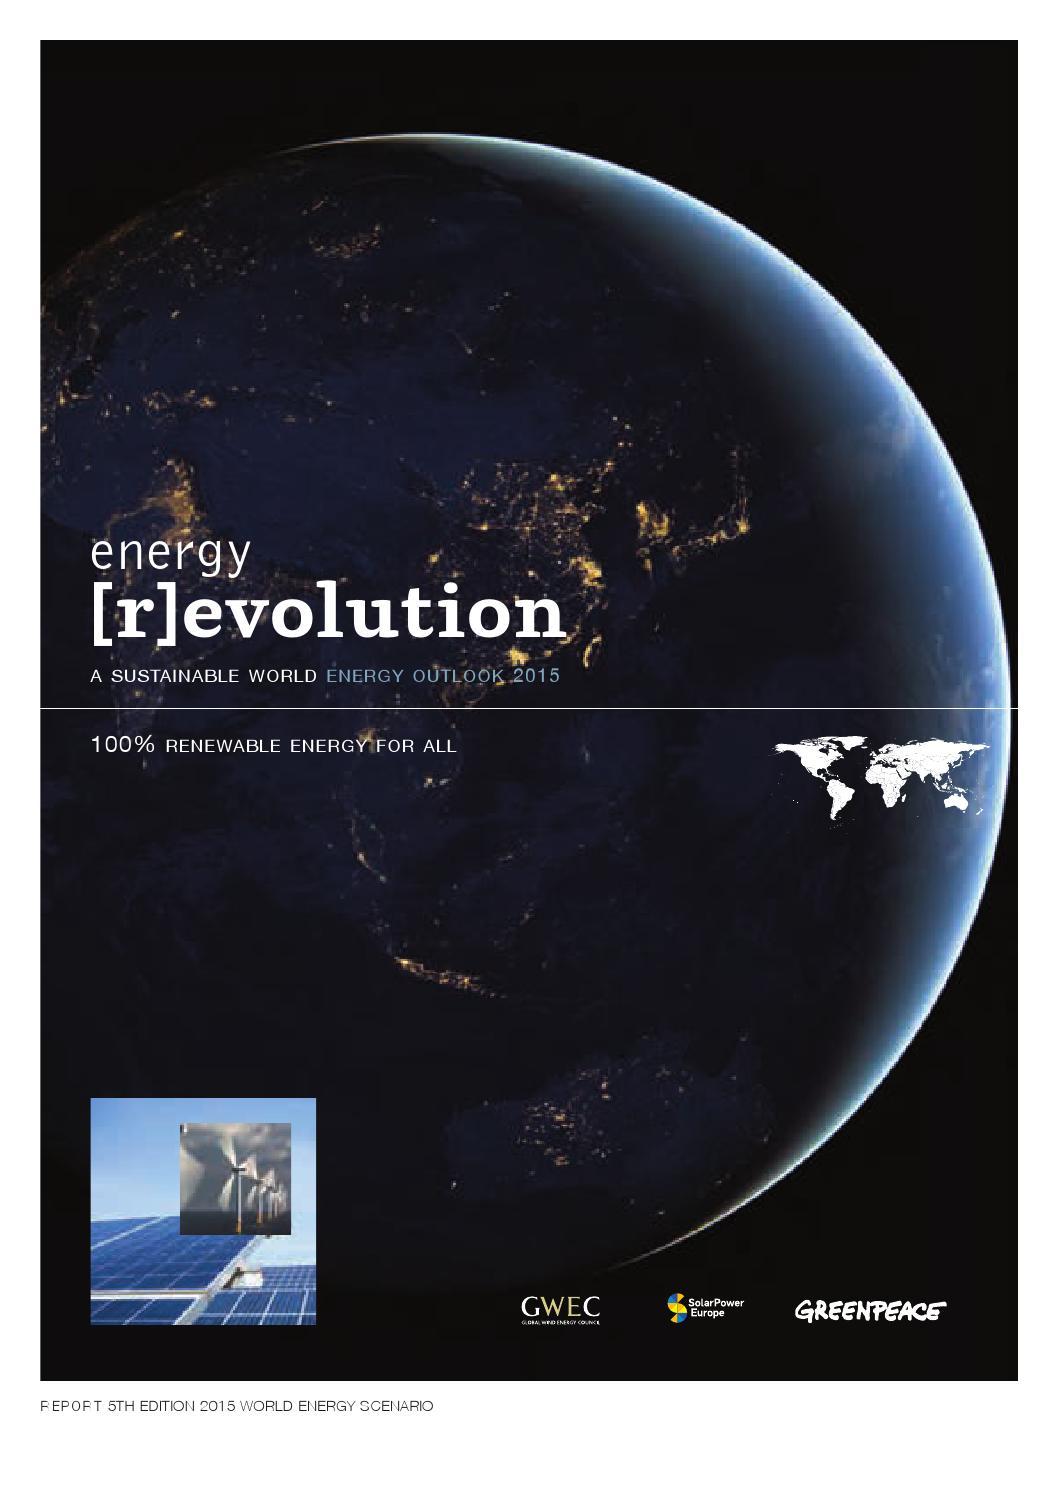 Revolution Energy